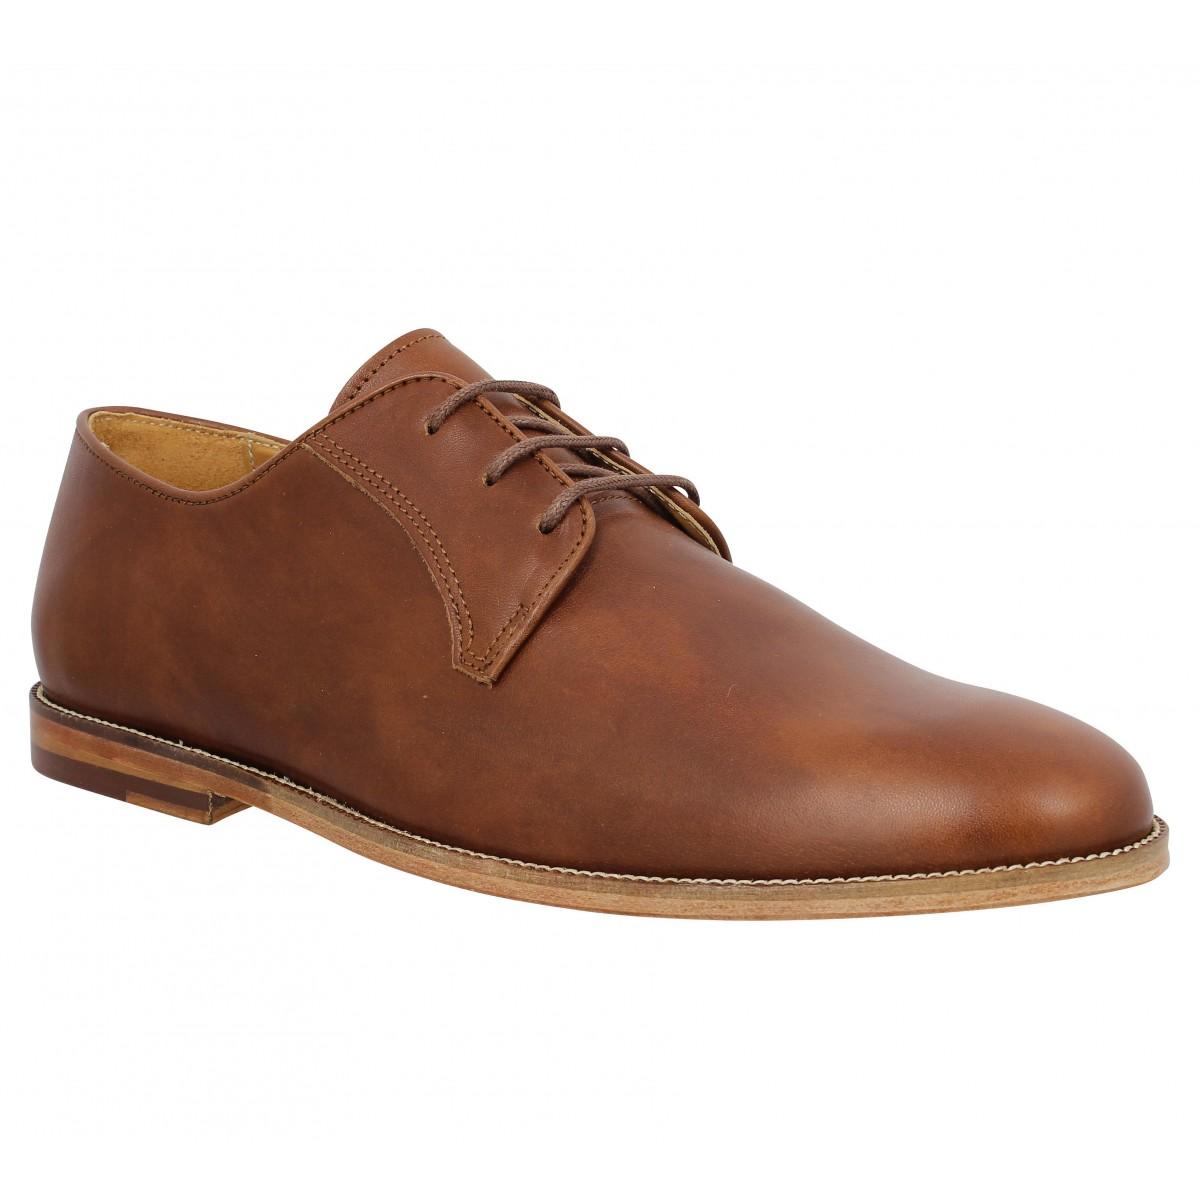 Bobbies le photographe cuir homme cognac homme   Fanny chaussures 9b105ddd8ac